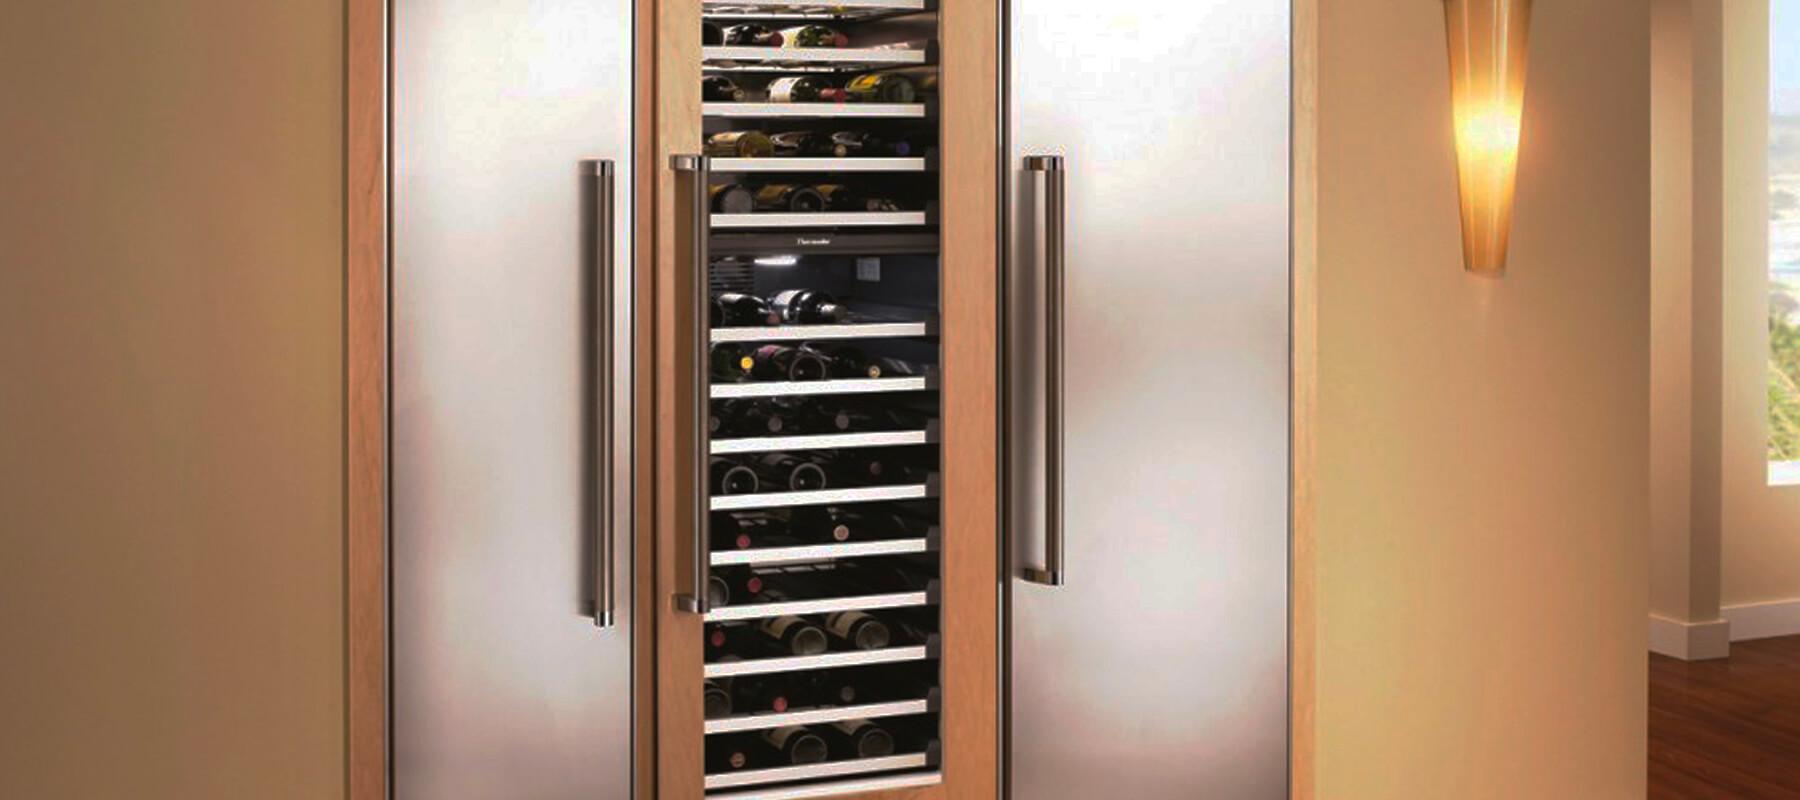 Built in Wine Refrigerator San Diego   Built-in Refrigerator Repair